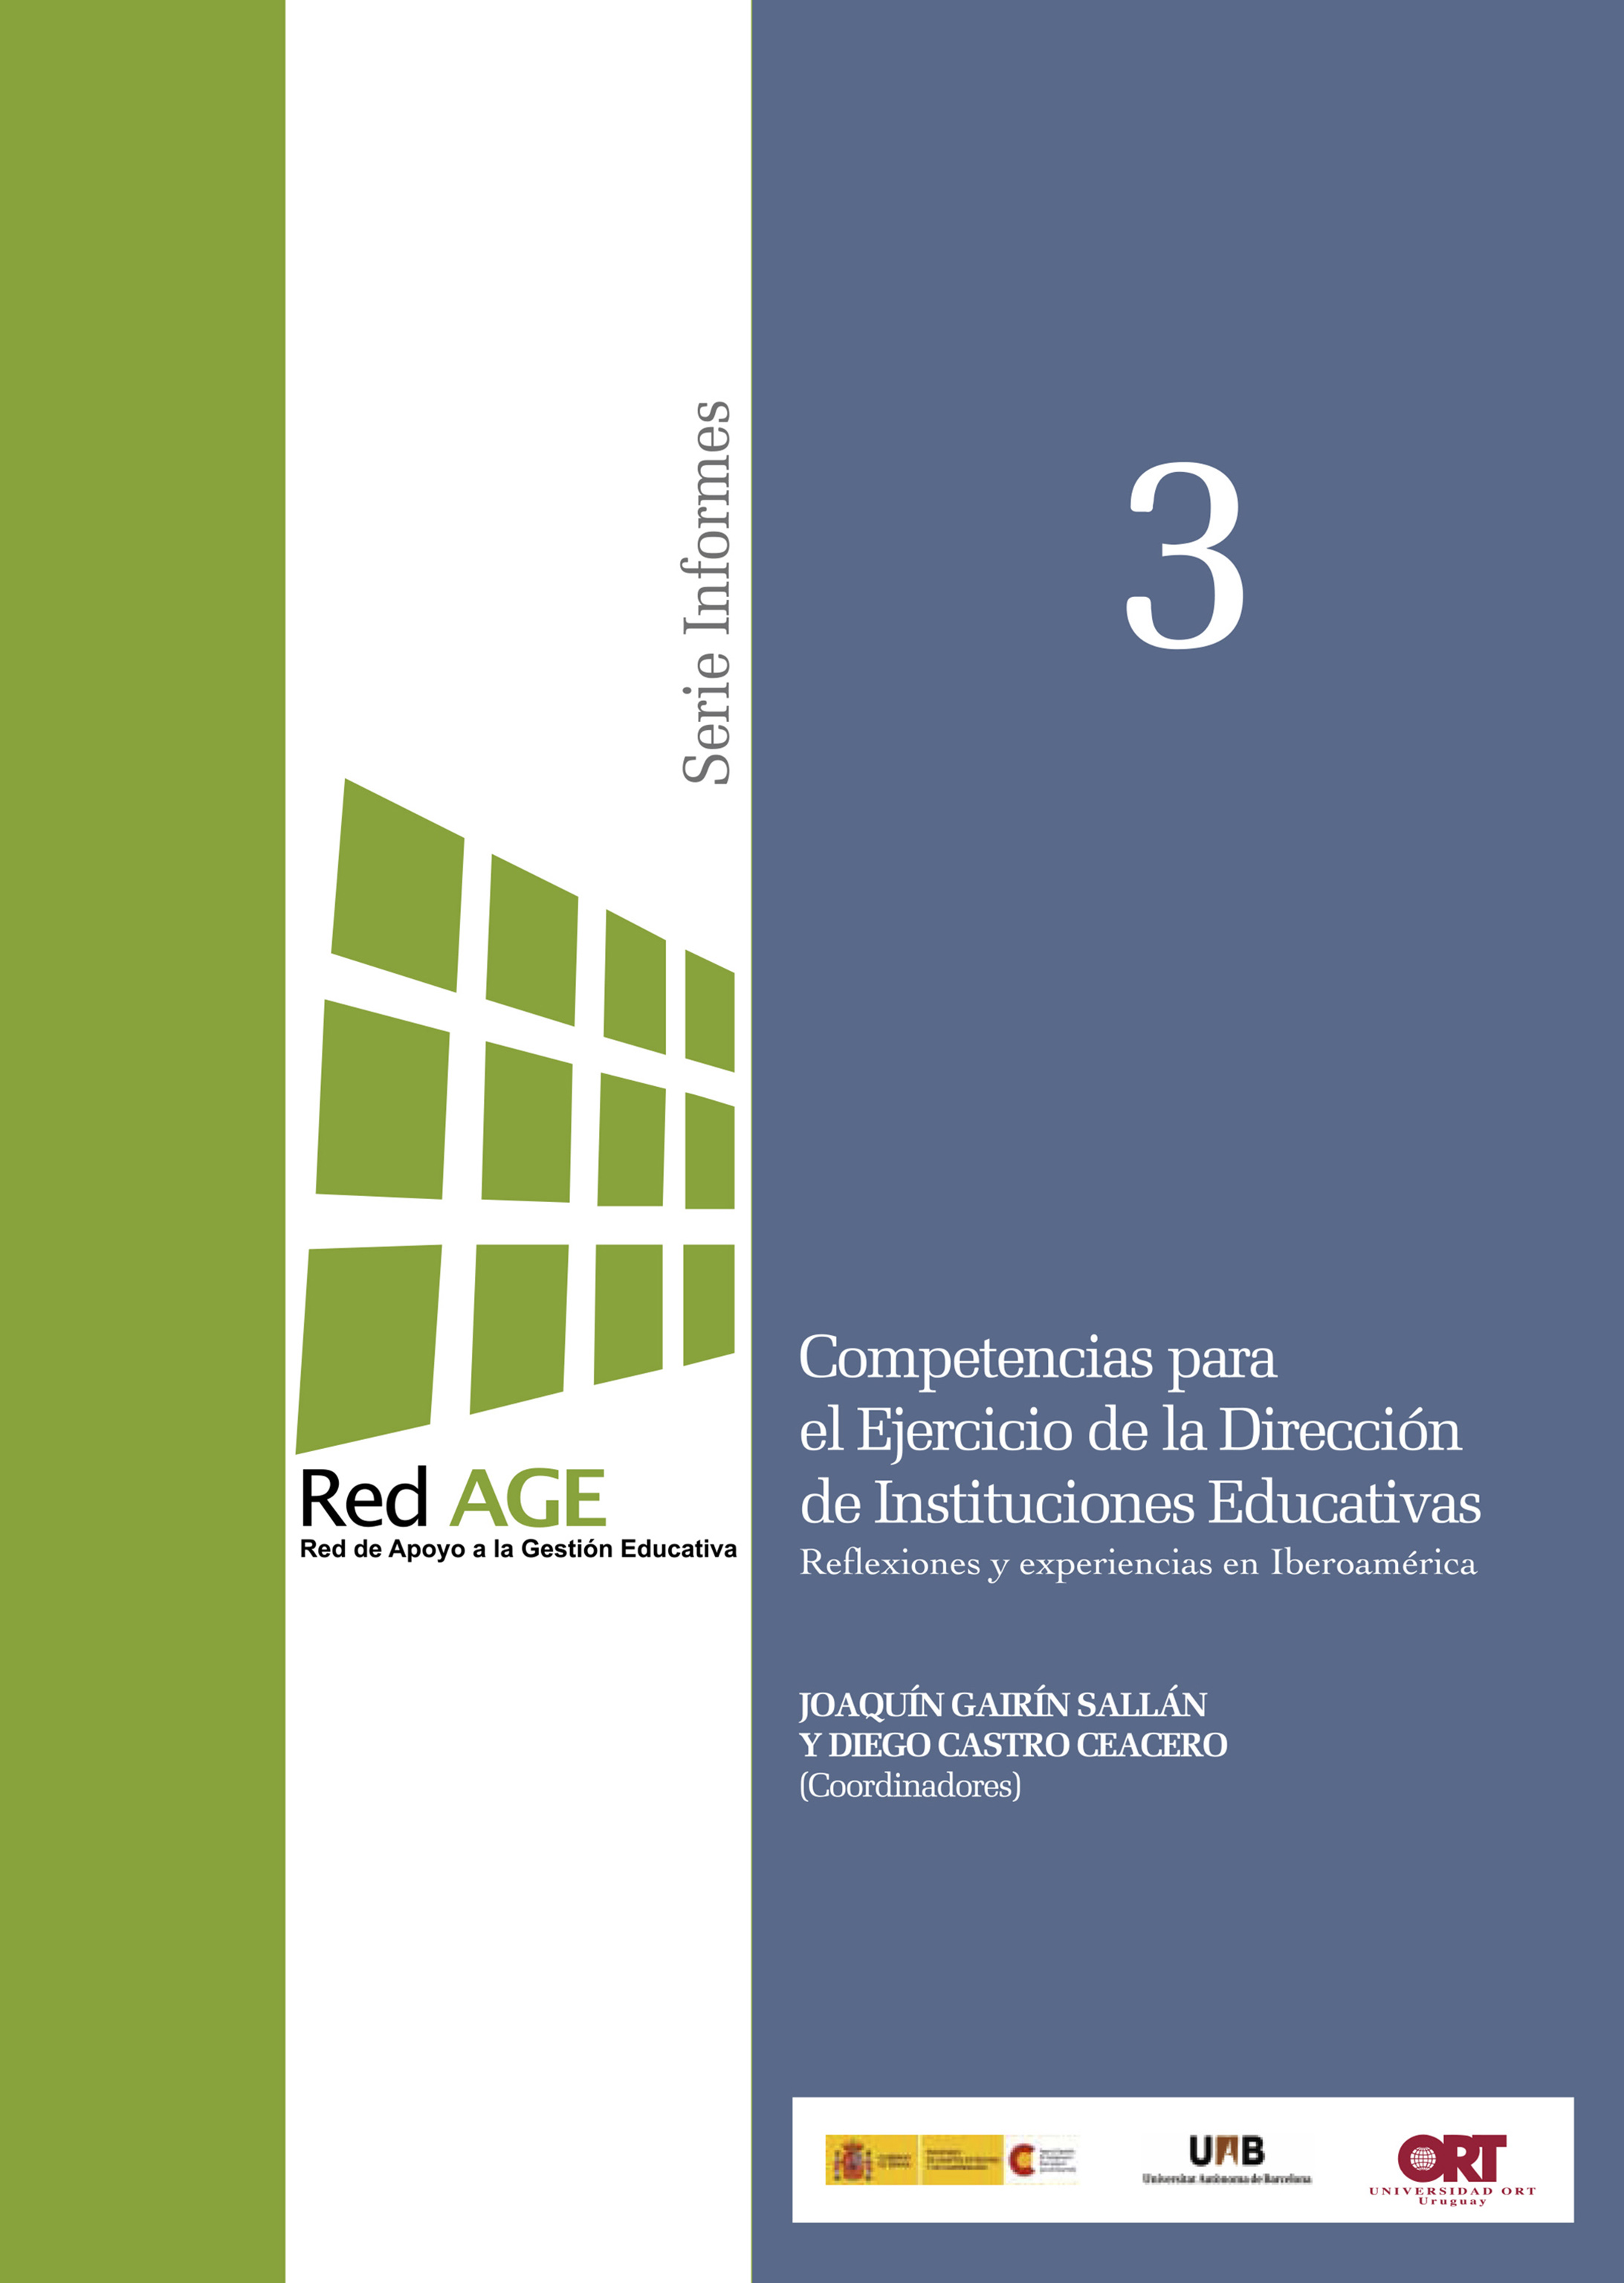 Competencias para el ejercicio de la dirección de instituciones educativas (2011)